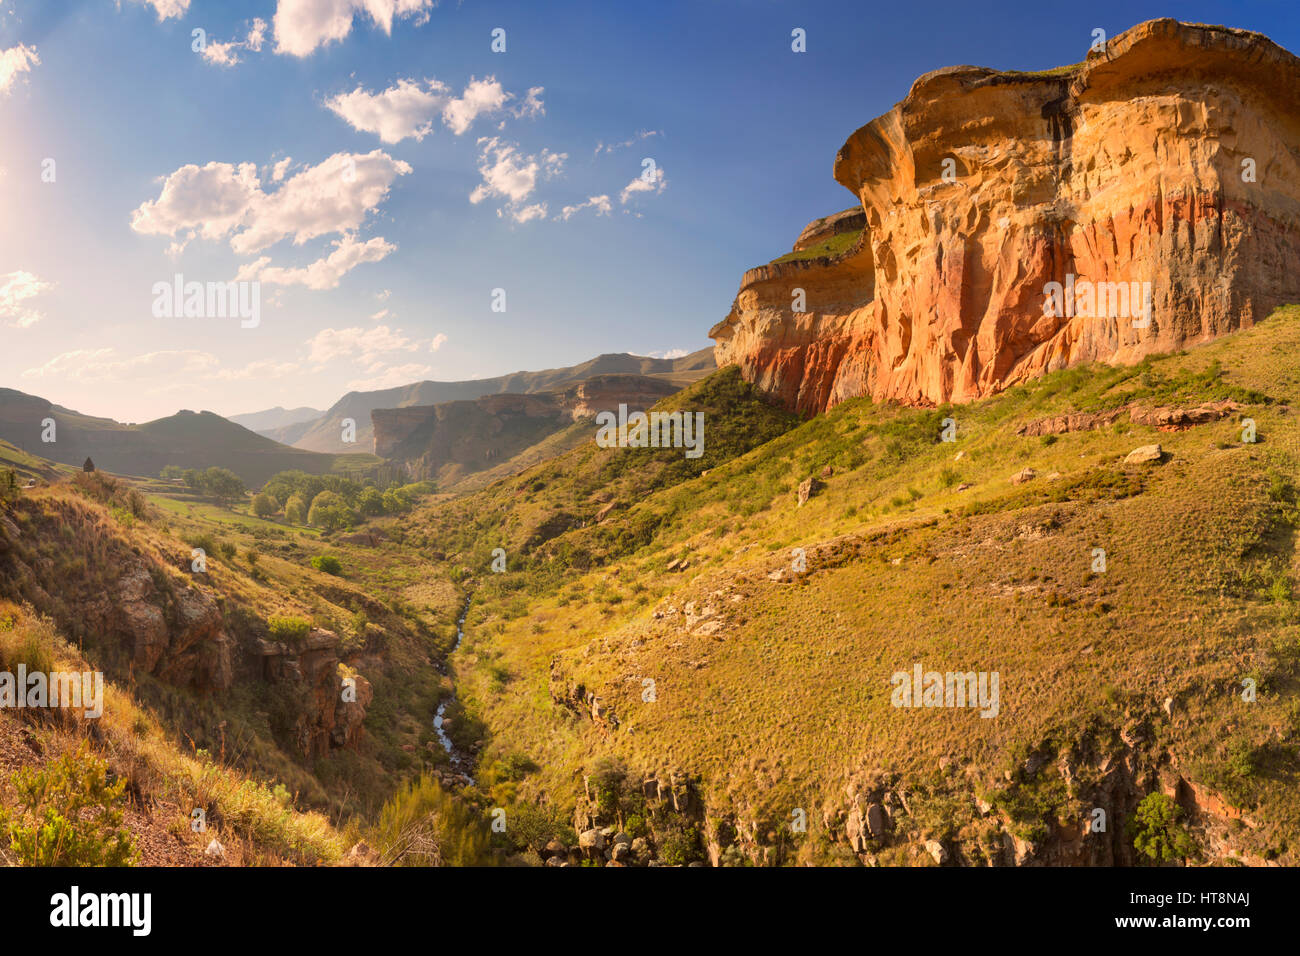 Il Golden Gate Highlands National Park in Sud Africa fotografato nel tardo pomeriggio la luce del sole. Immagini Stock